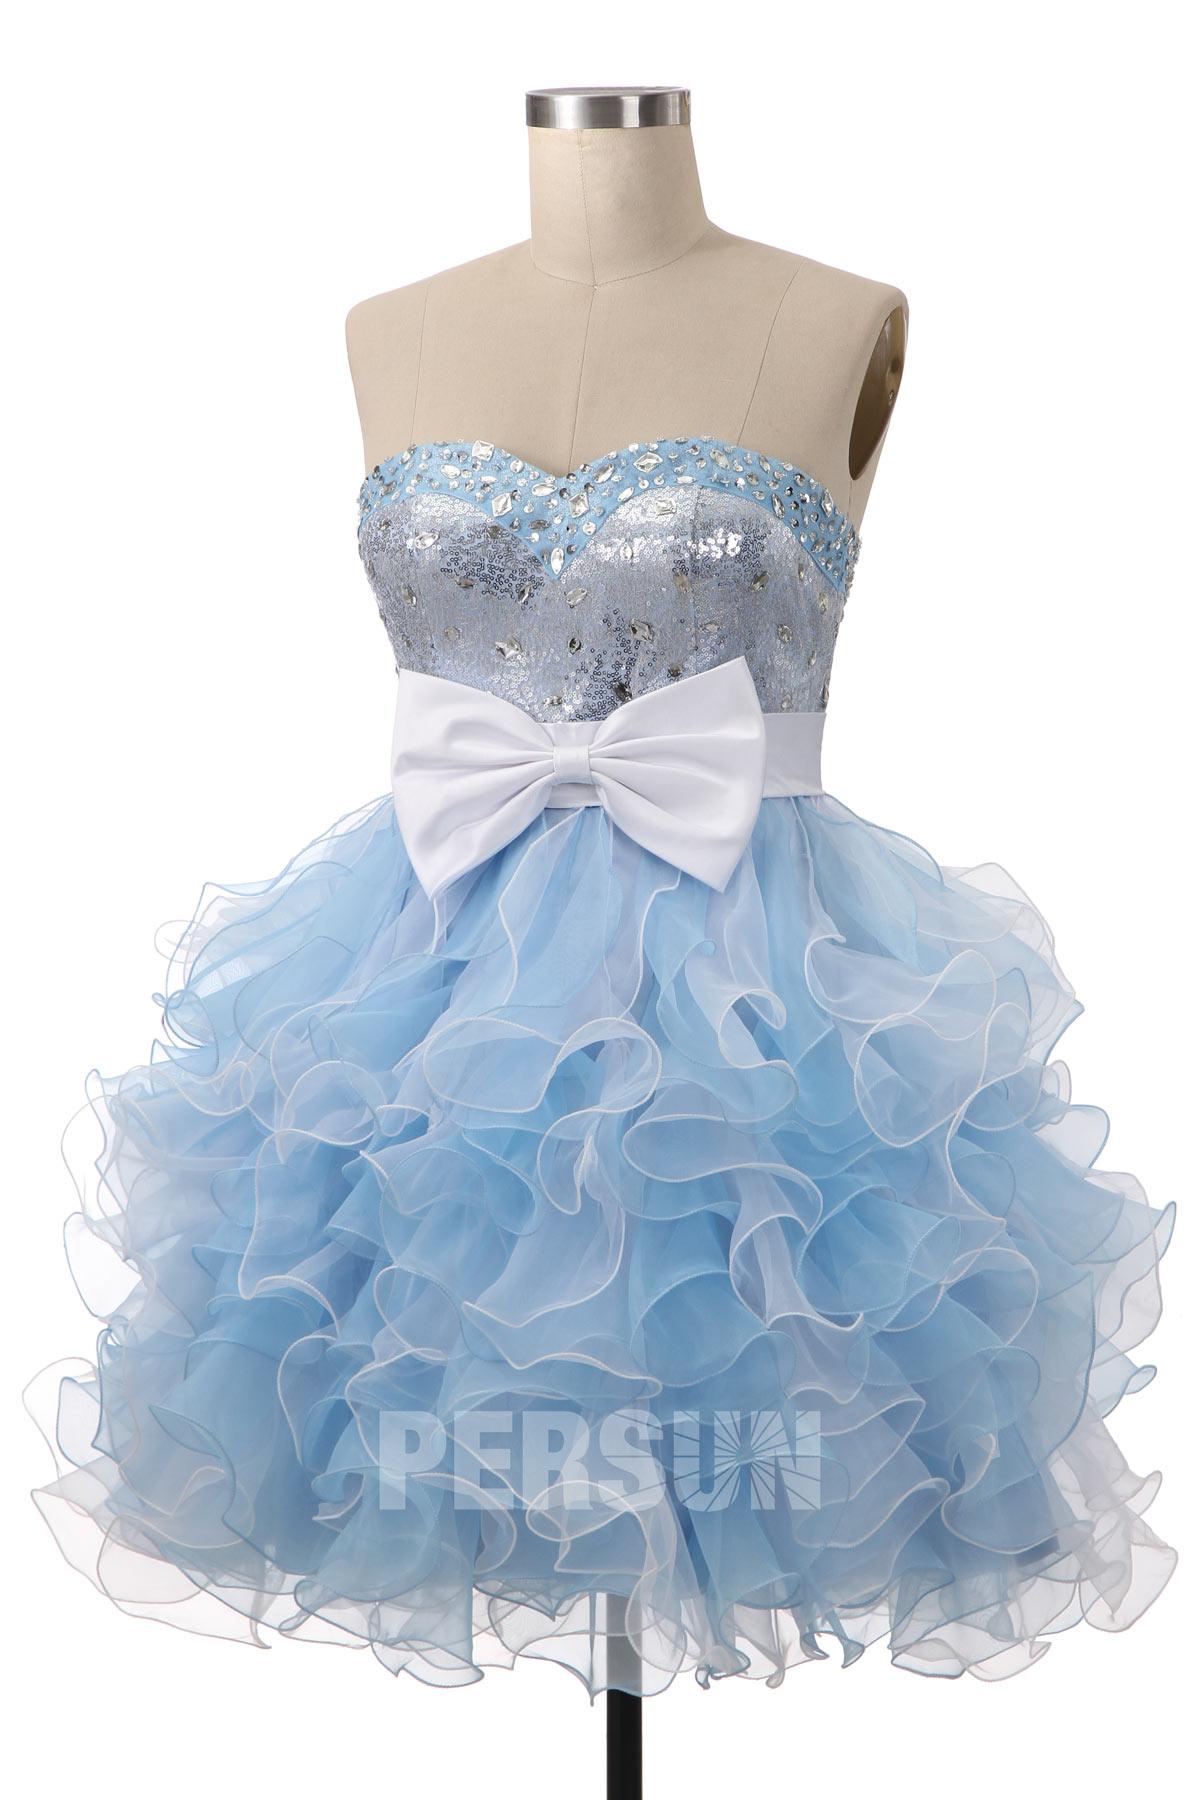 petite robe de cocktail bleu clair bustier coeur jupe froufrou ornée de noeud papillon